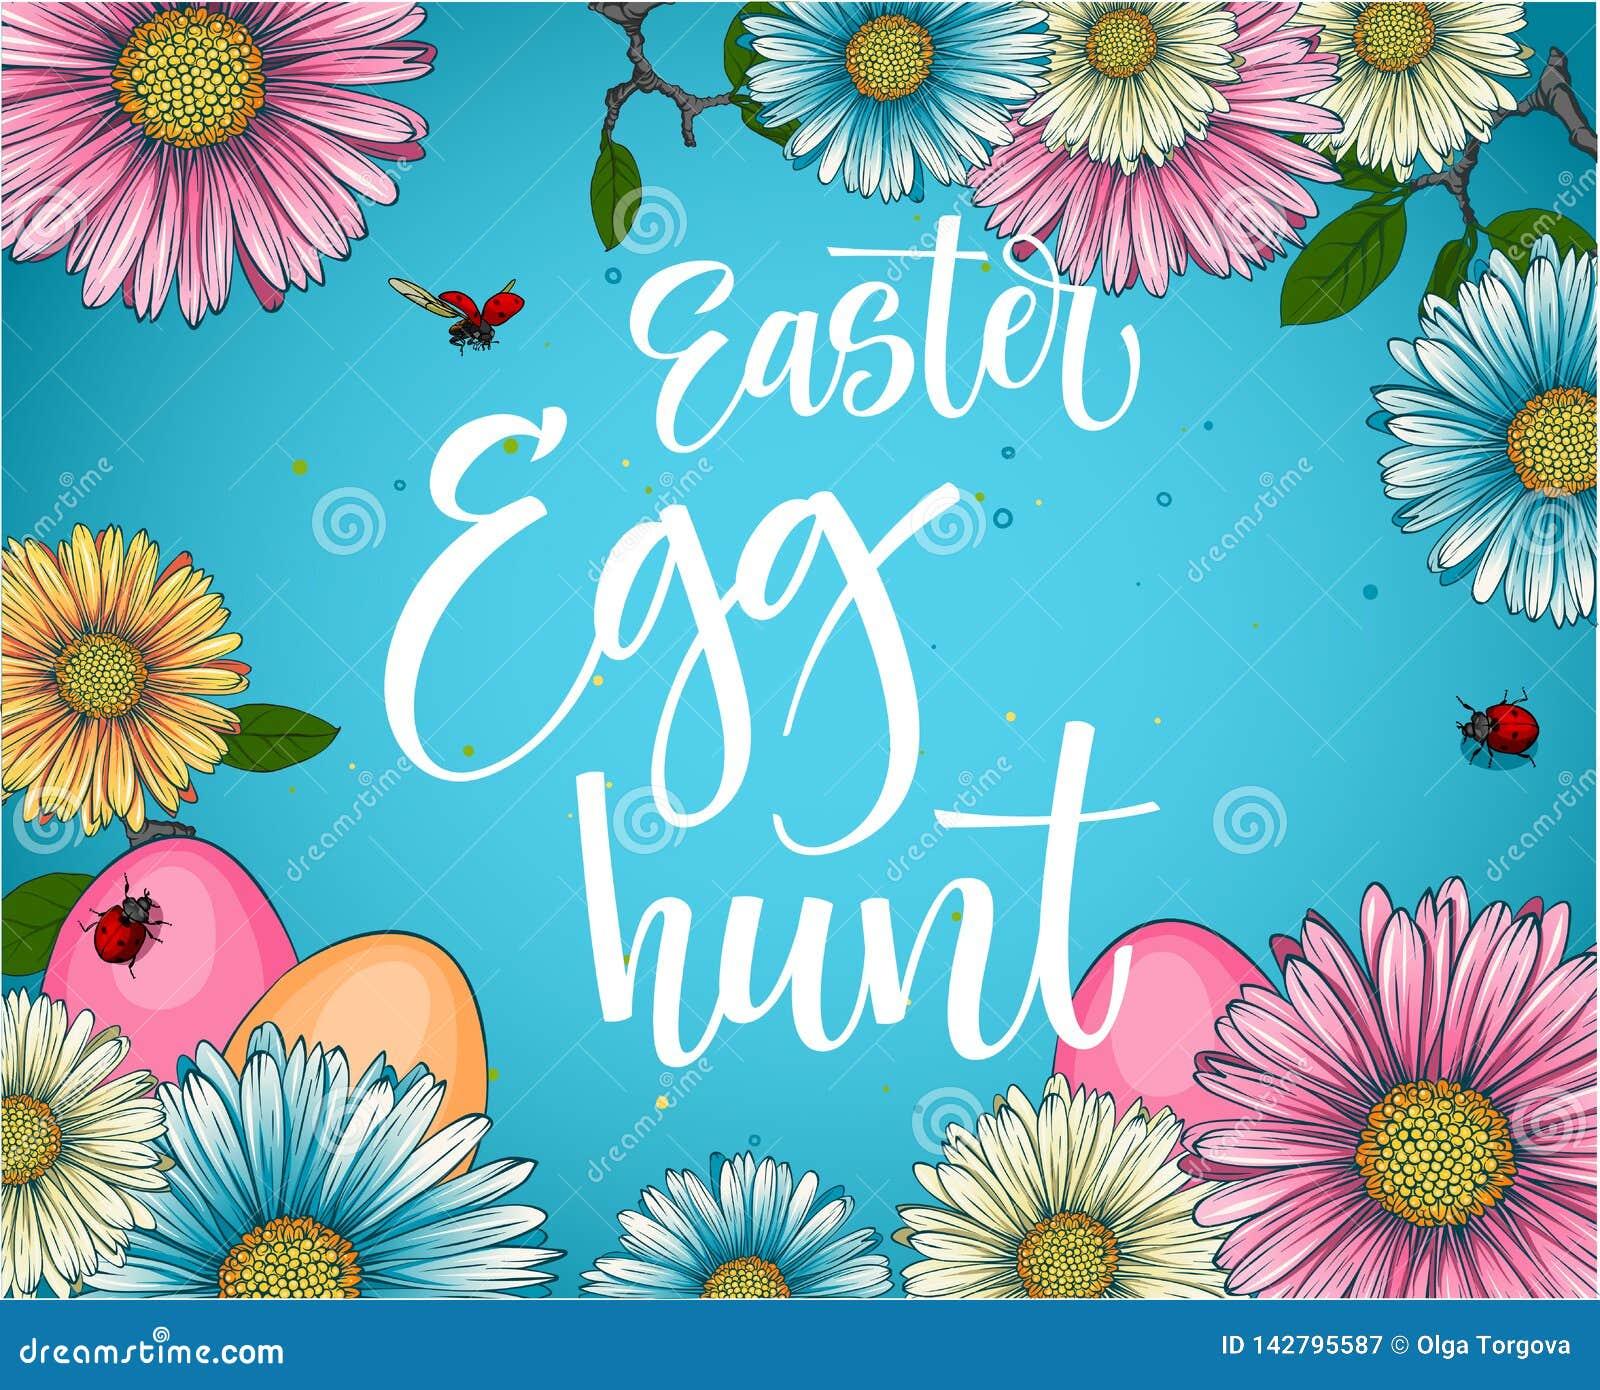 Frase variopinta di calligrafia di caccia dell uovo di Pasqua con la decorazione delle uova e floreale